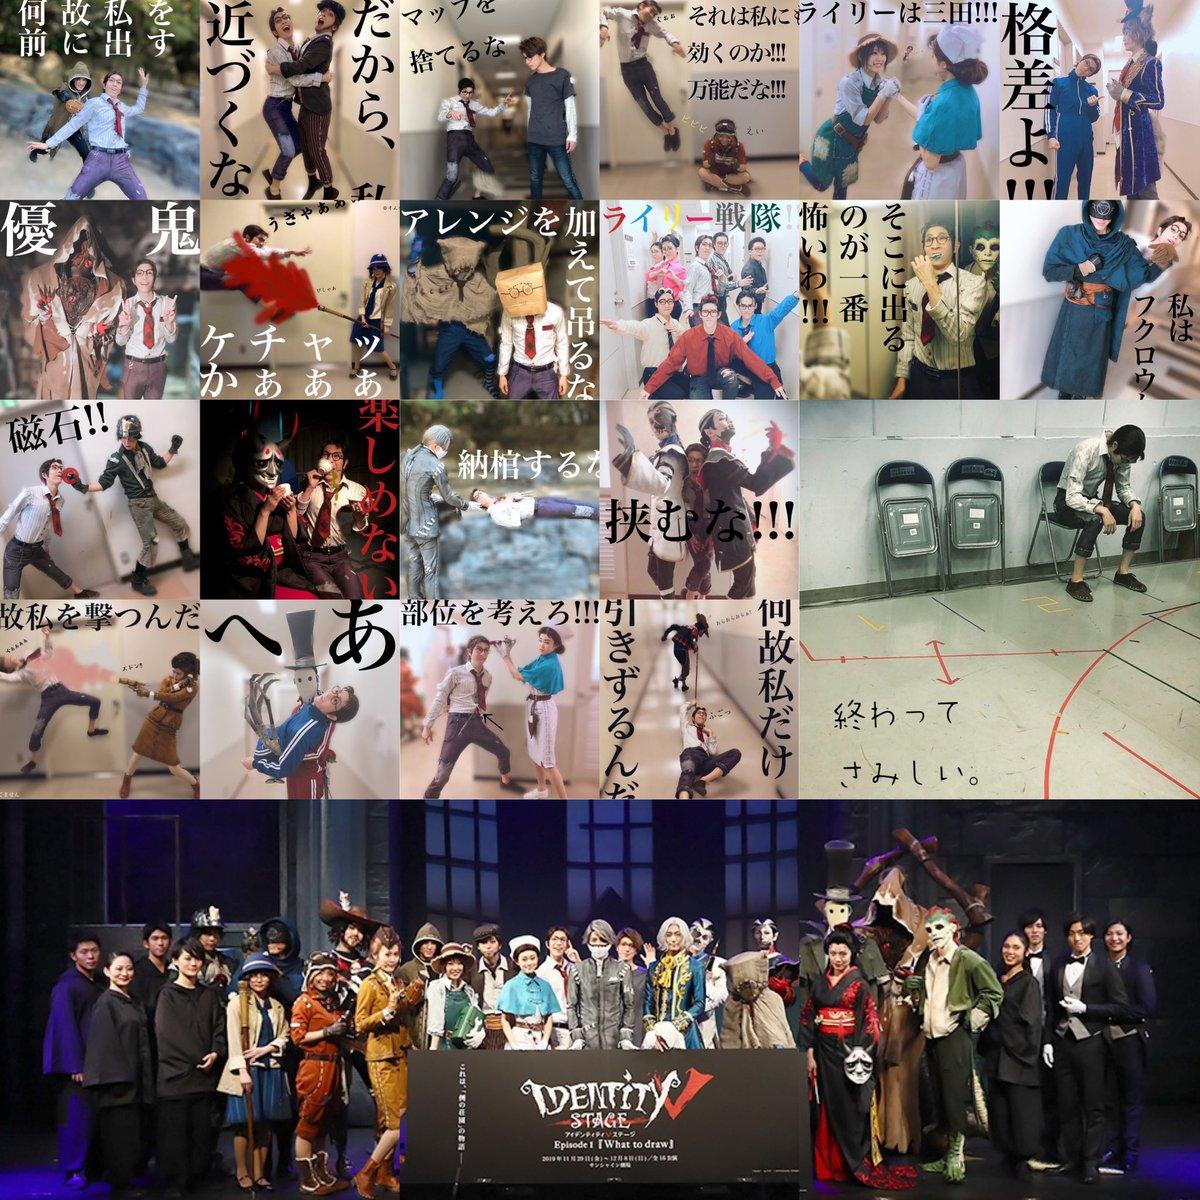 そして。田中ライリーの日記、全て解放だ!!毎日毎日、みんなありがとう。沢山のいいねやリツイートも嬉しかったです。本当にありがとうございました!!#第五人格#第五舞台#田中ライリーの日記総集編